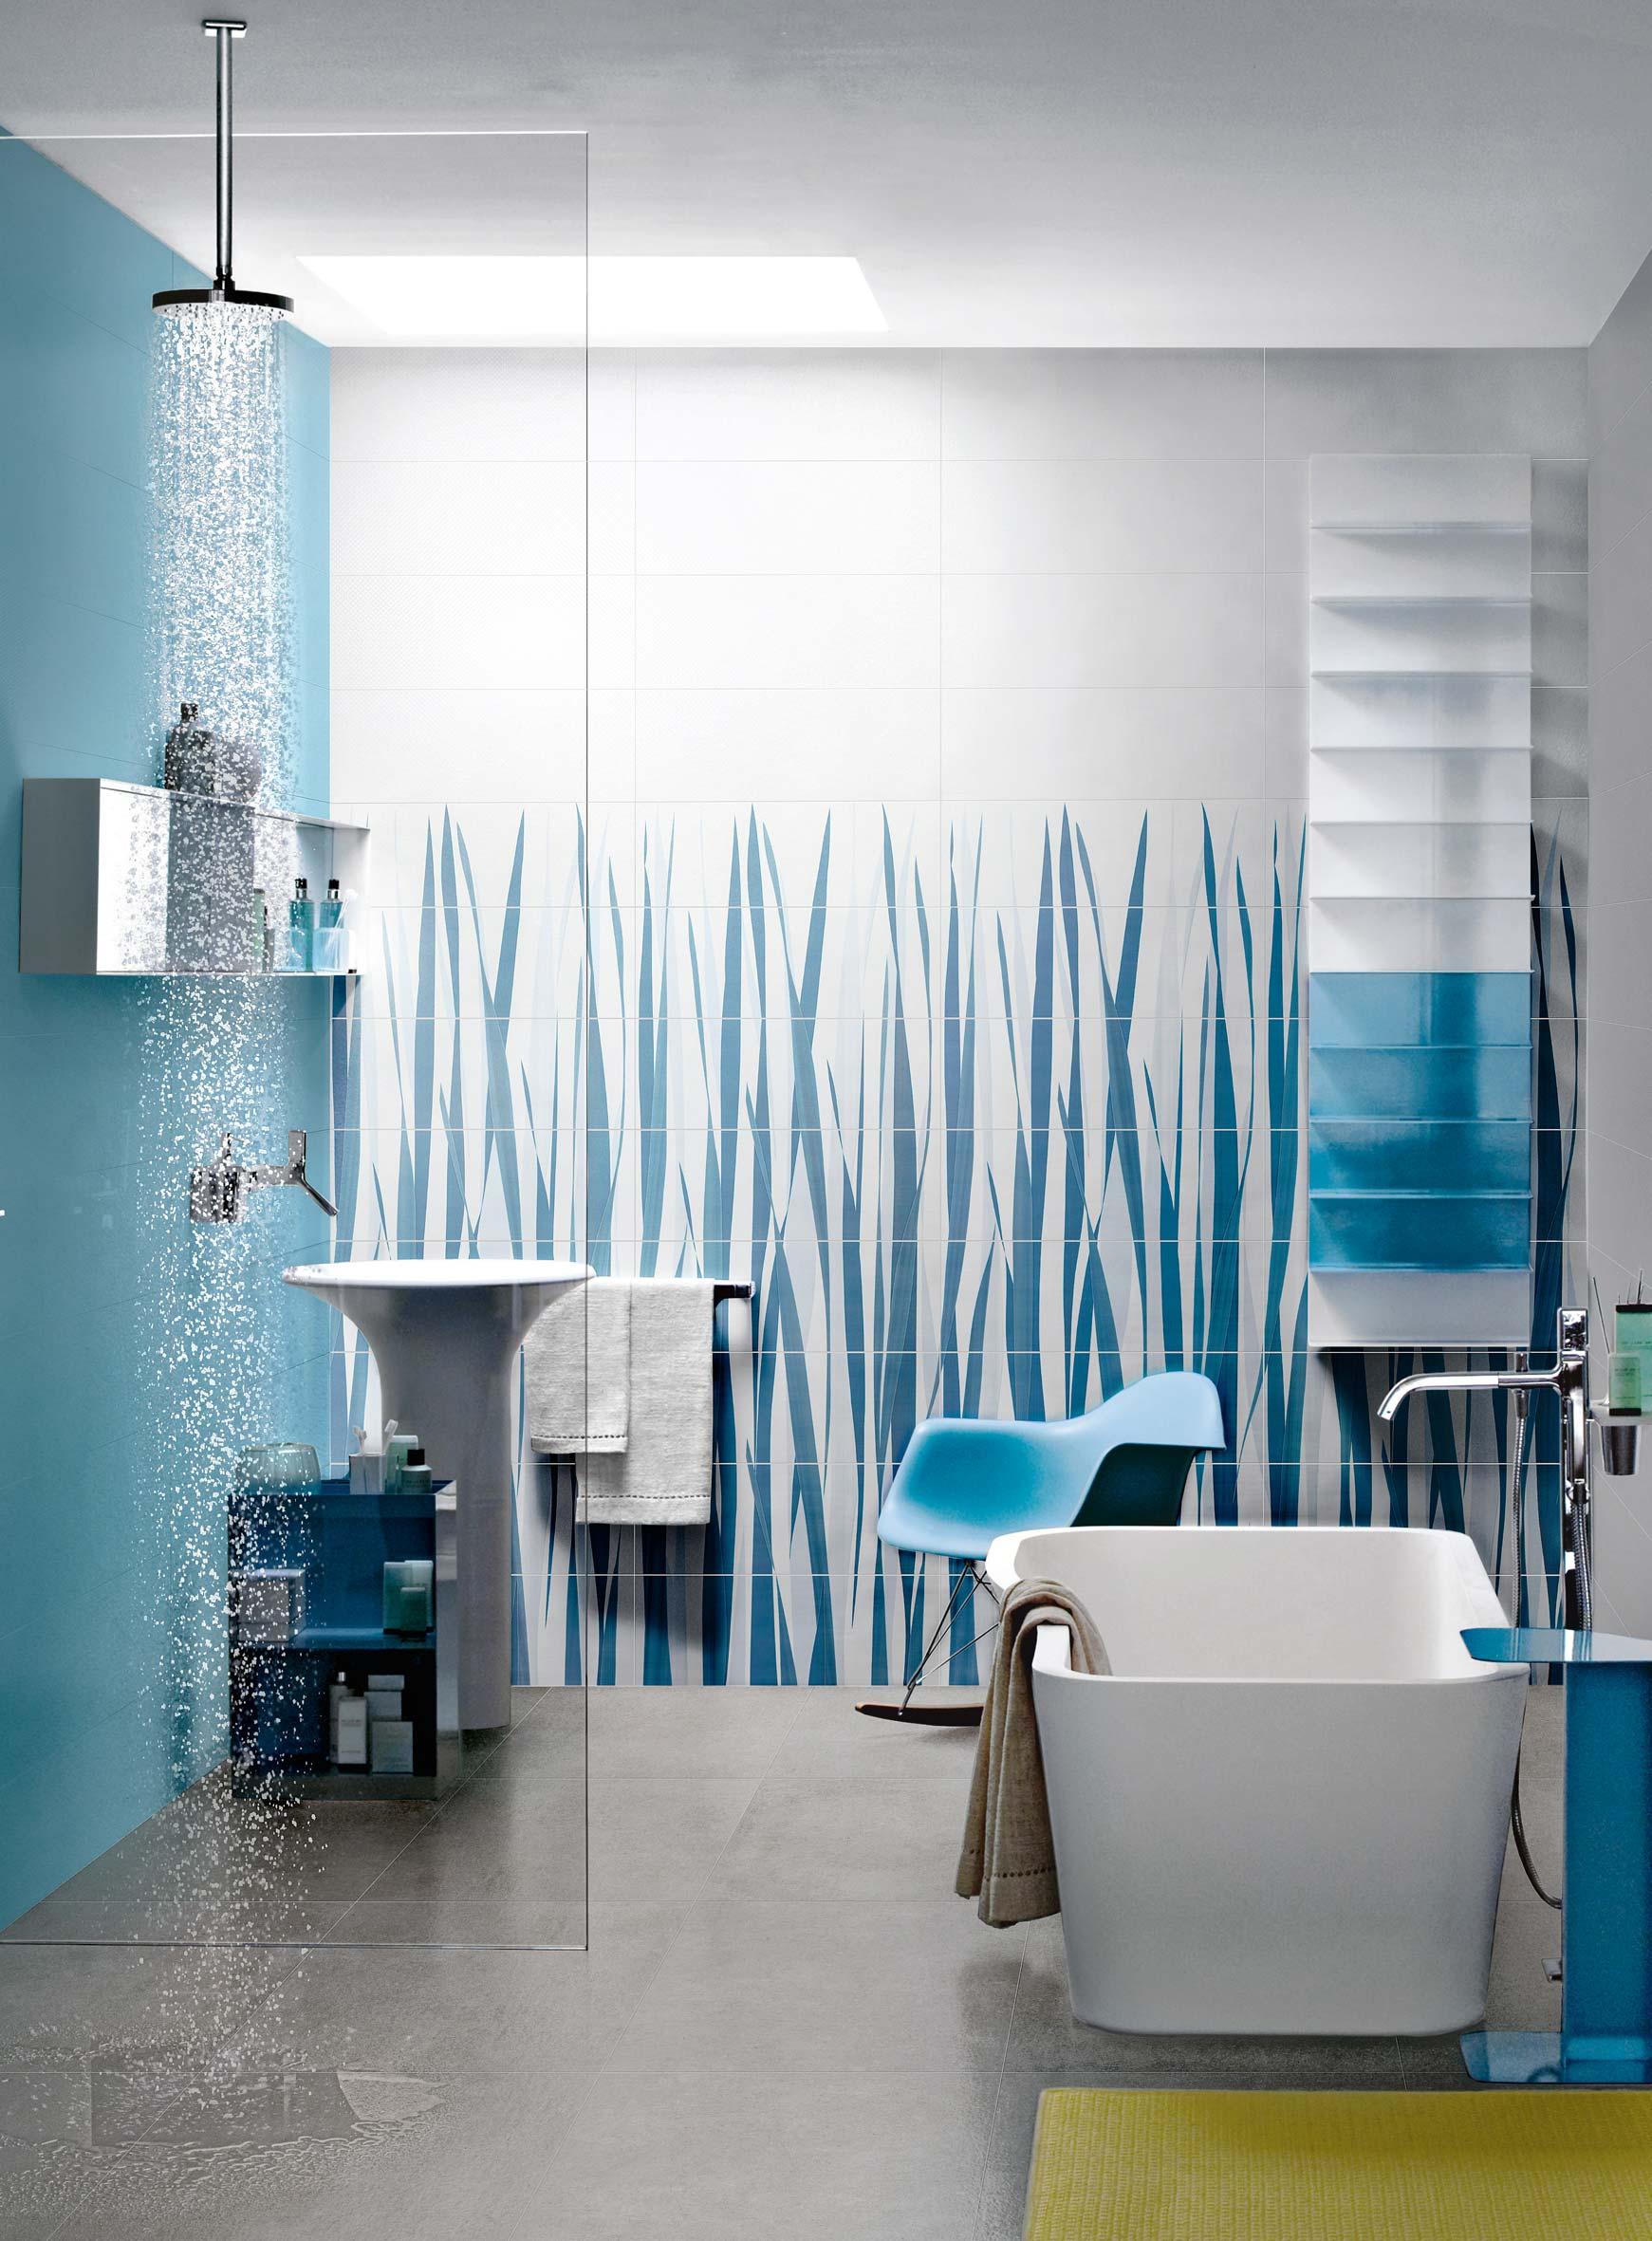 bagno azul le ceramiche azzurre per il bagno ceramica